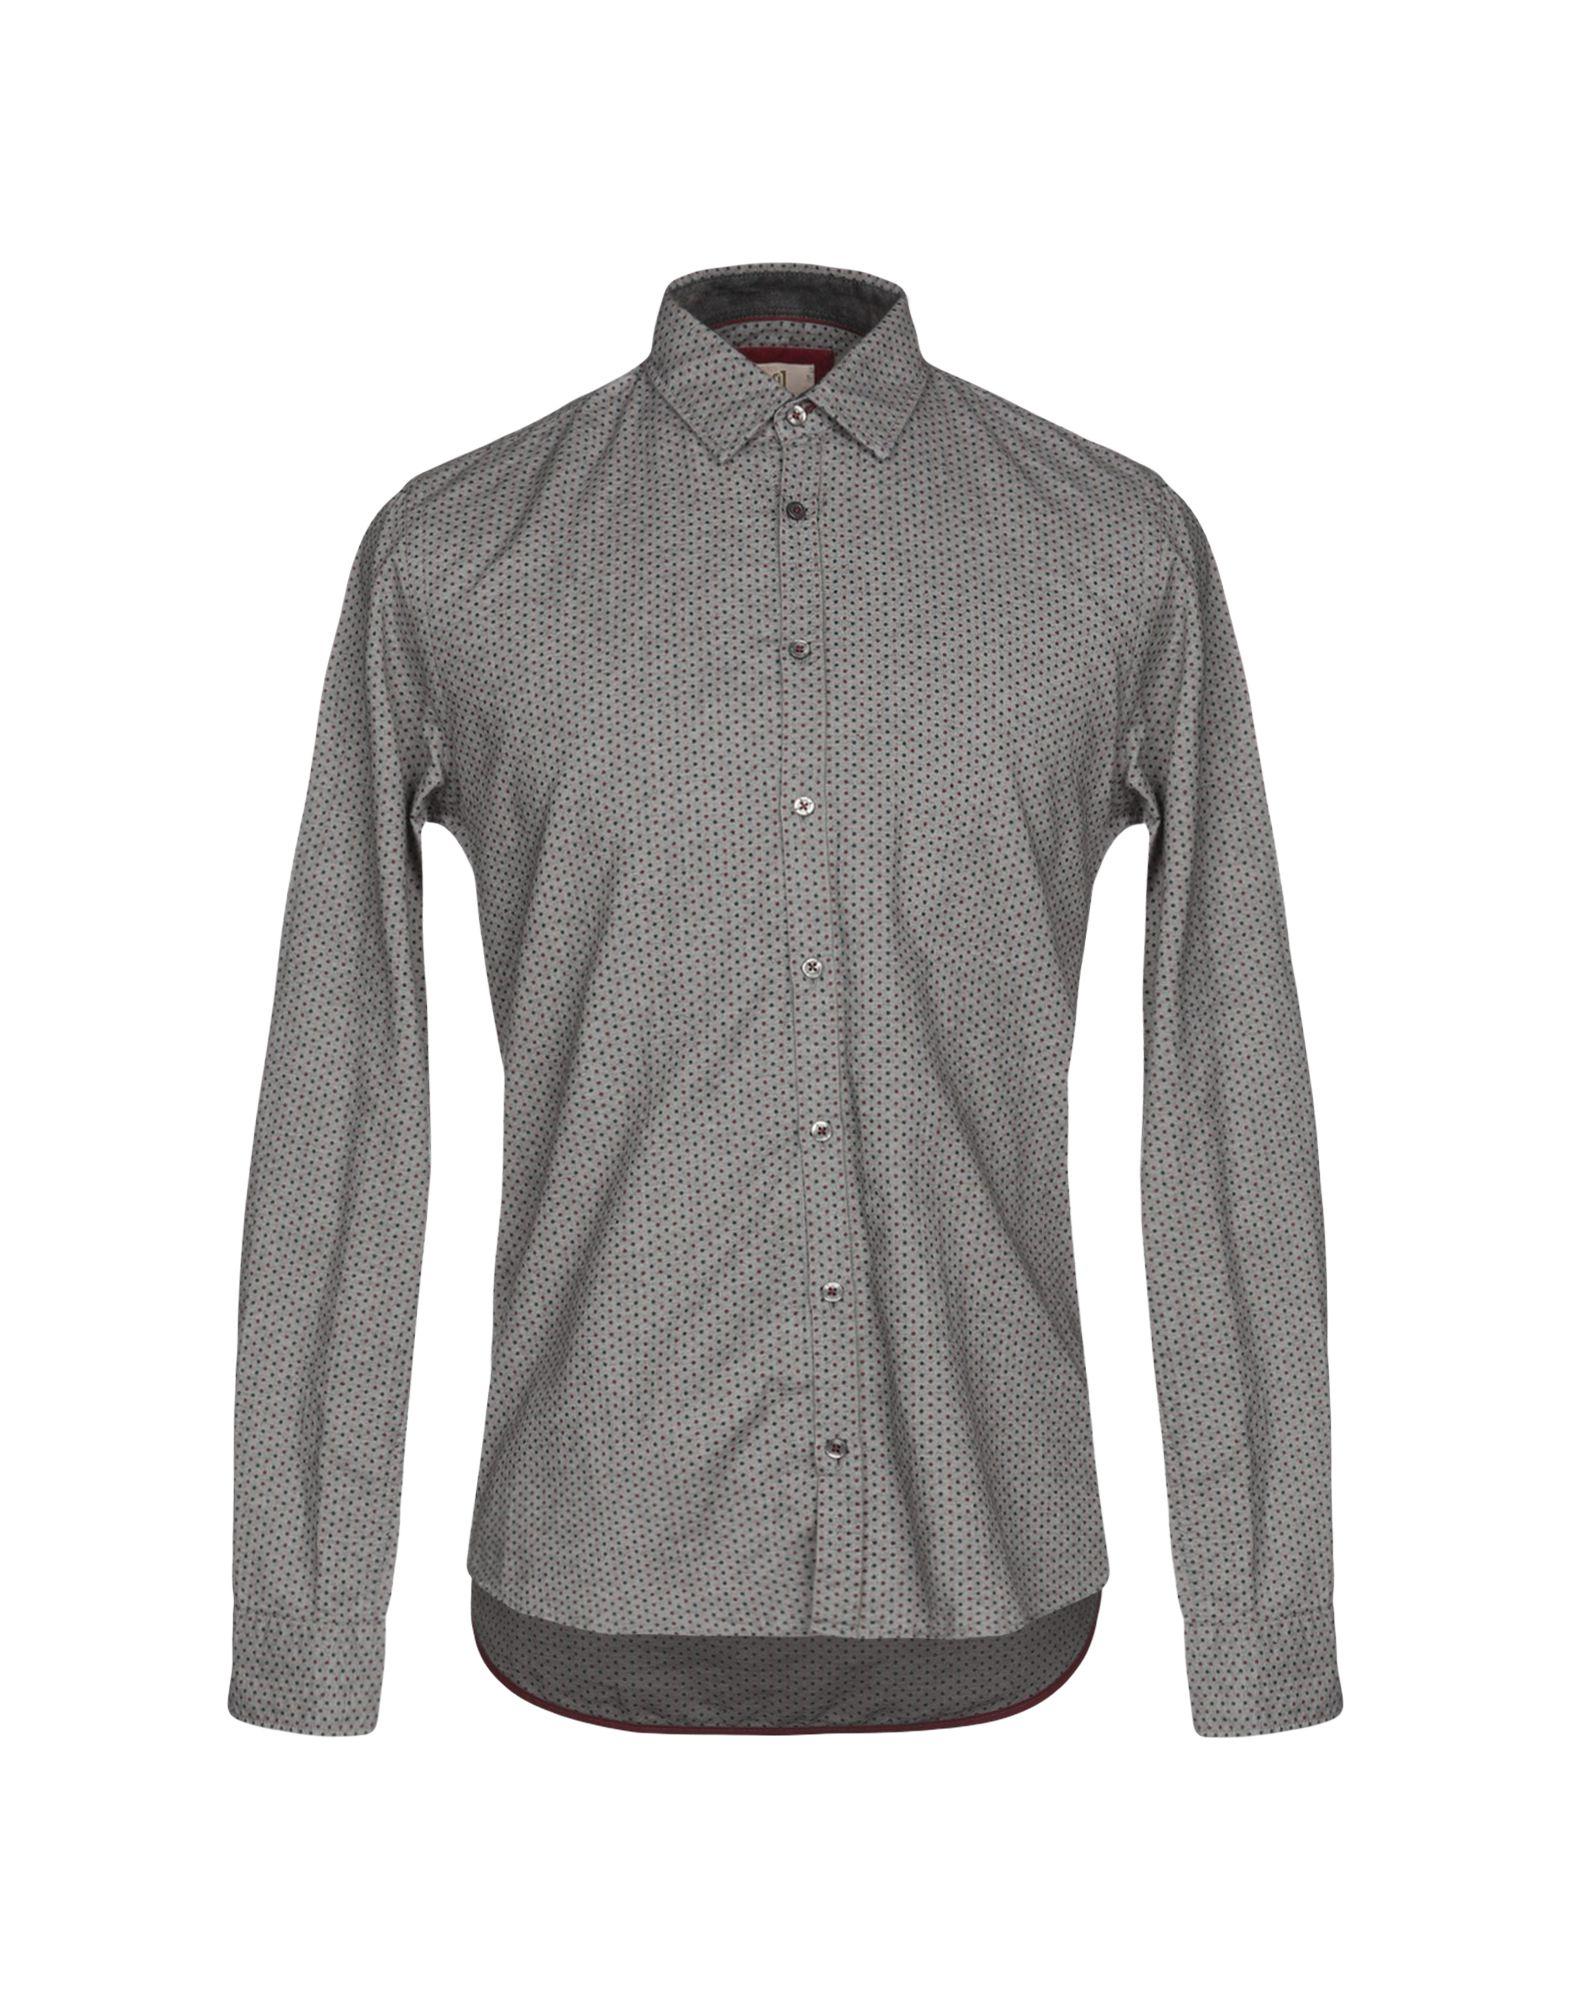 《送料無料》Q1 メンズ シャツ ライトグレー M コットン 100%